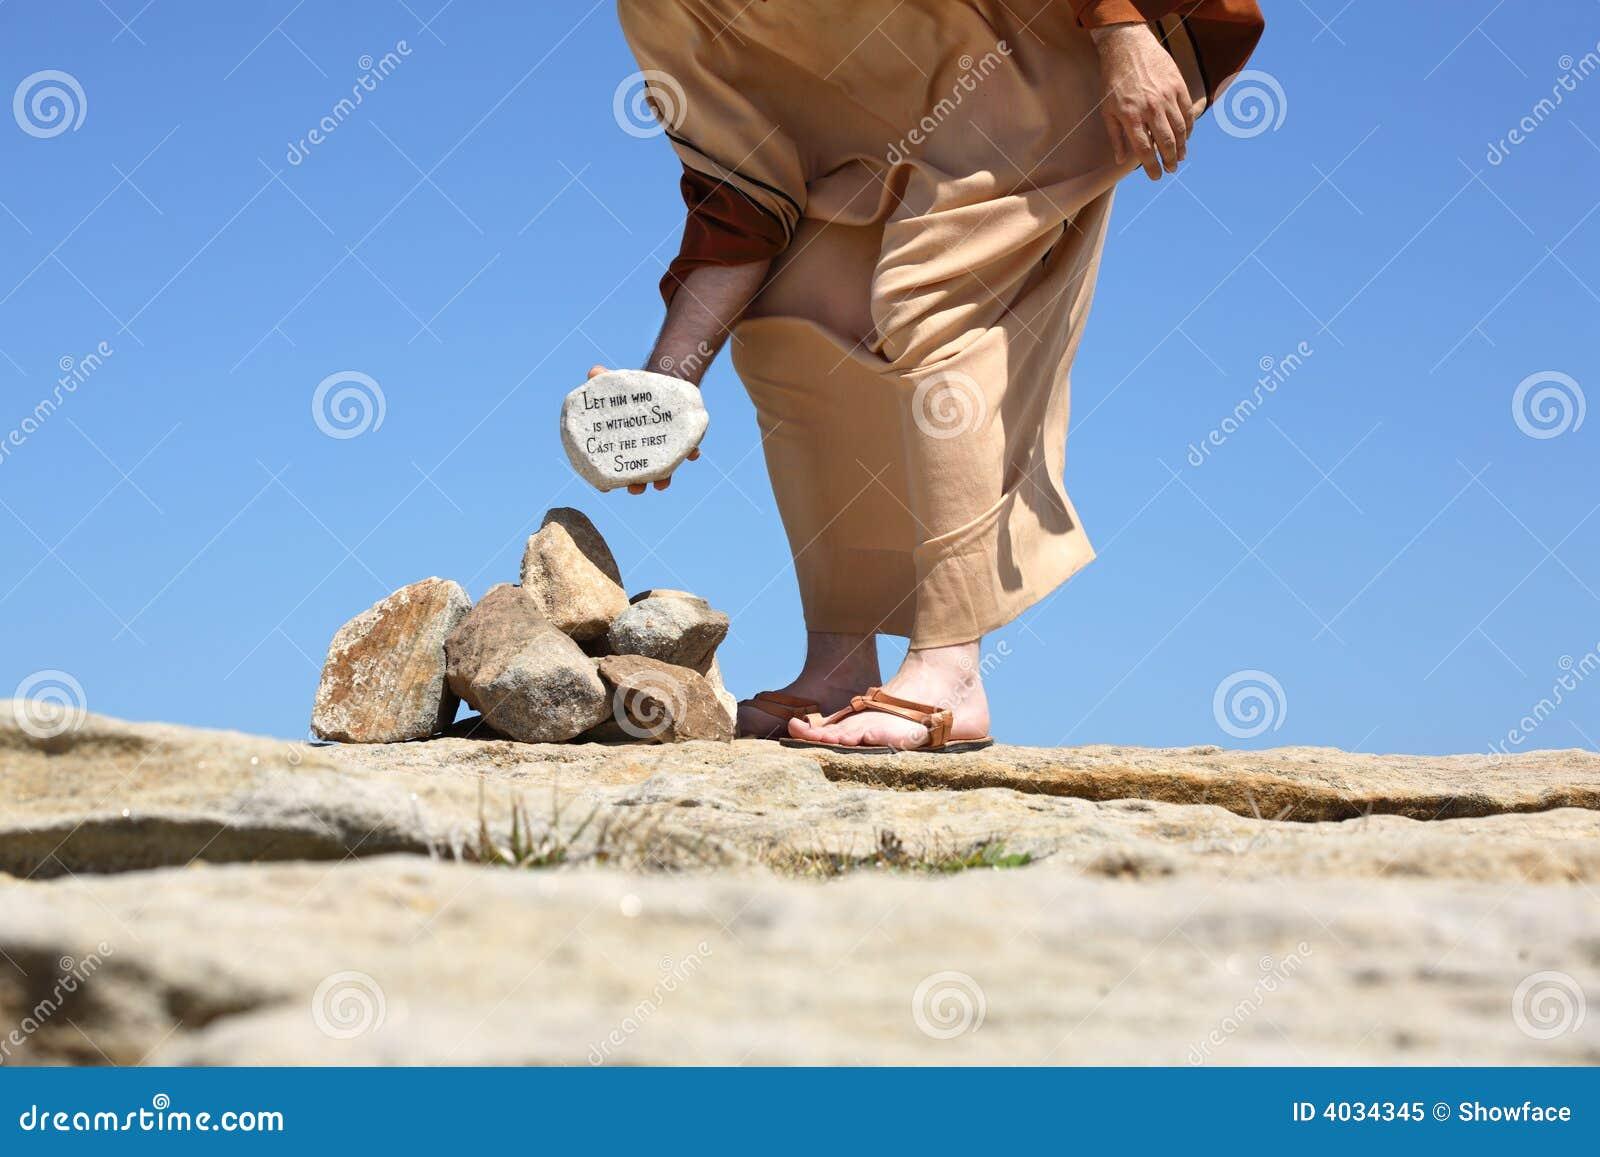 Hem zonder zonde gegoten eerste steen